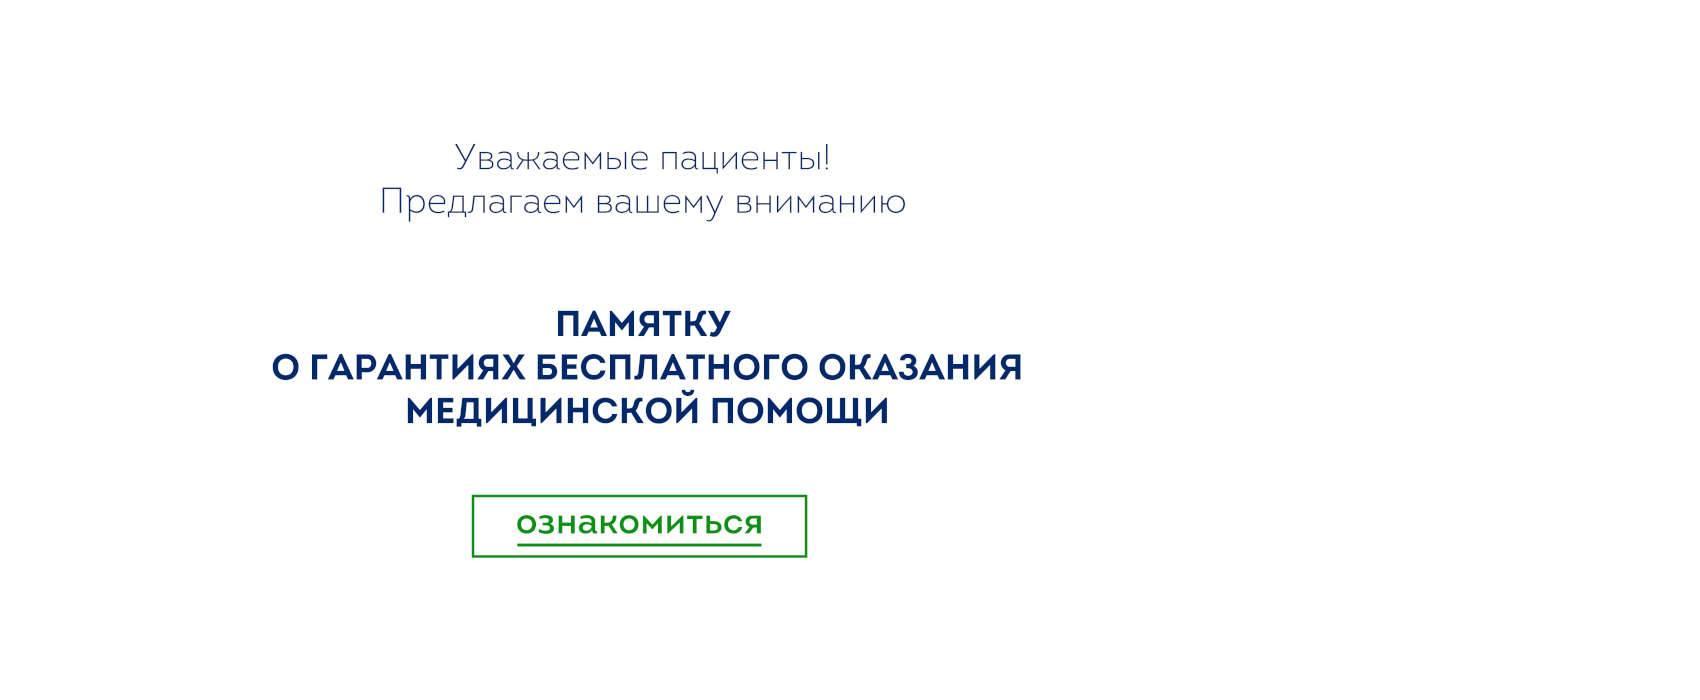 Схема боткинская больница москва фото 596